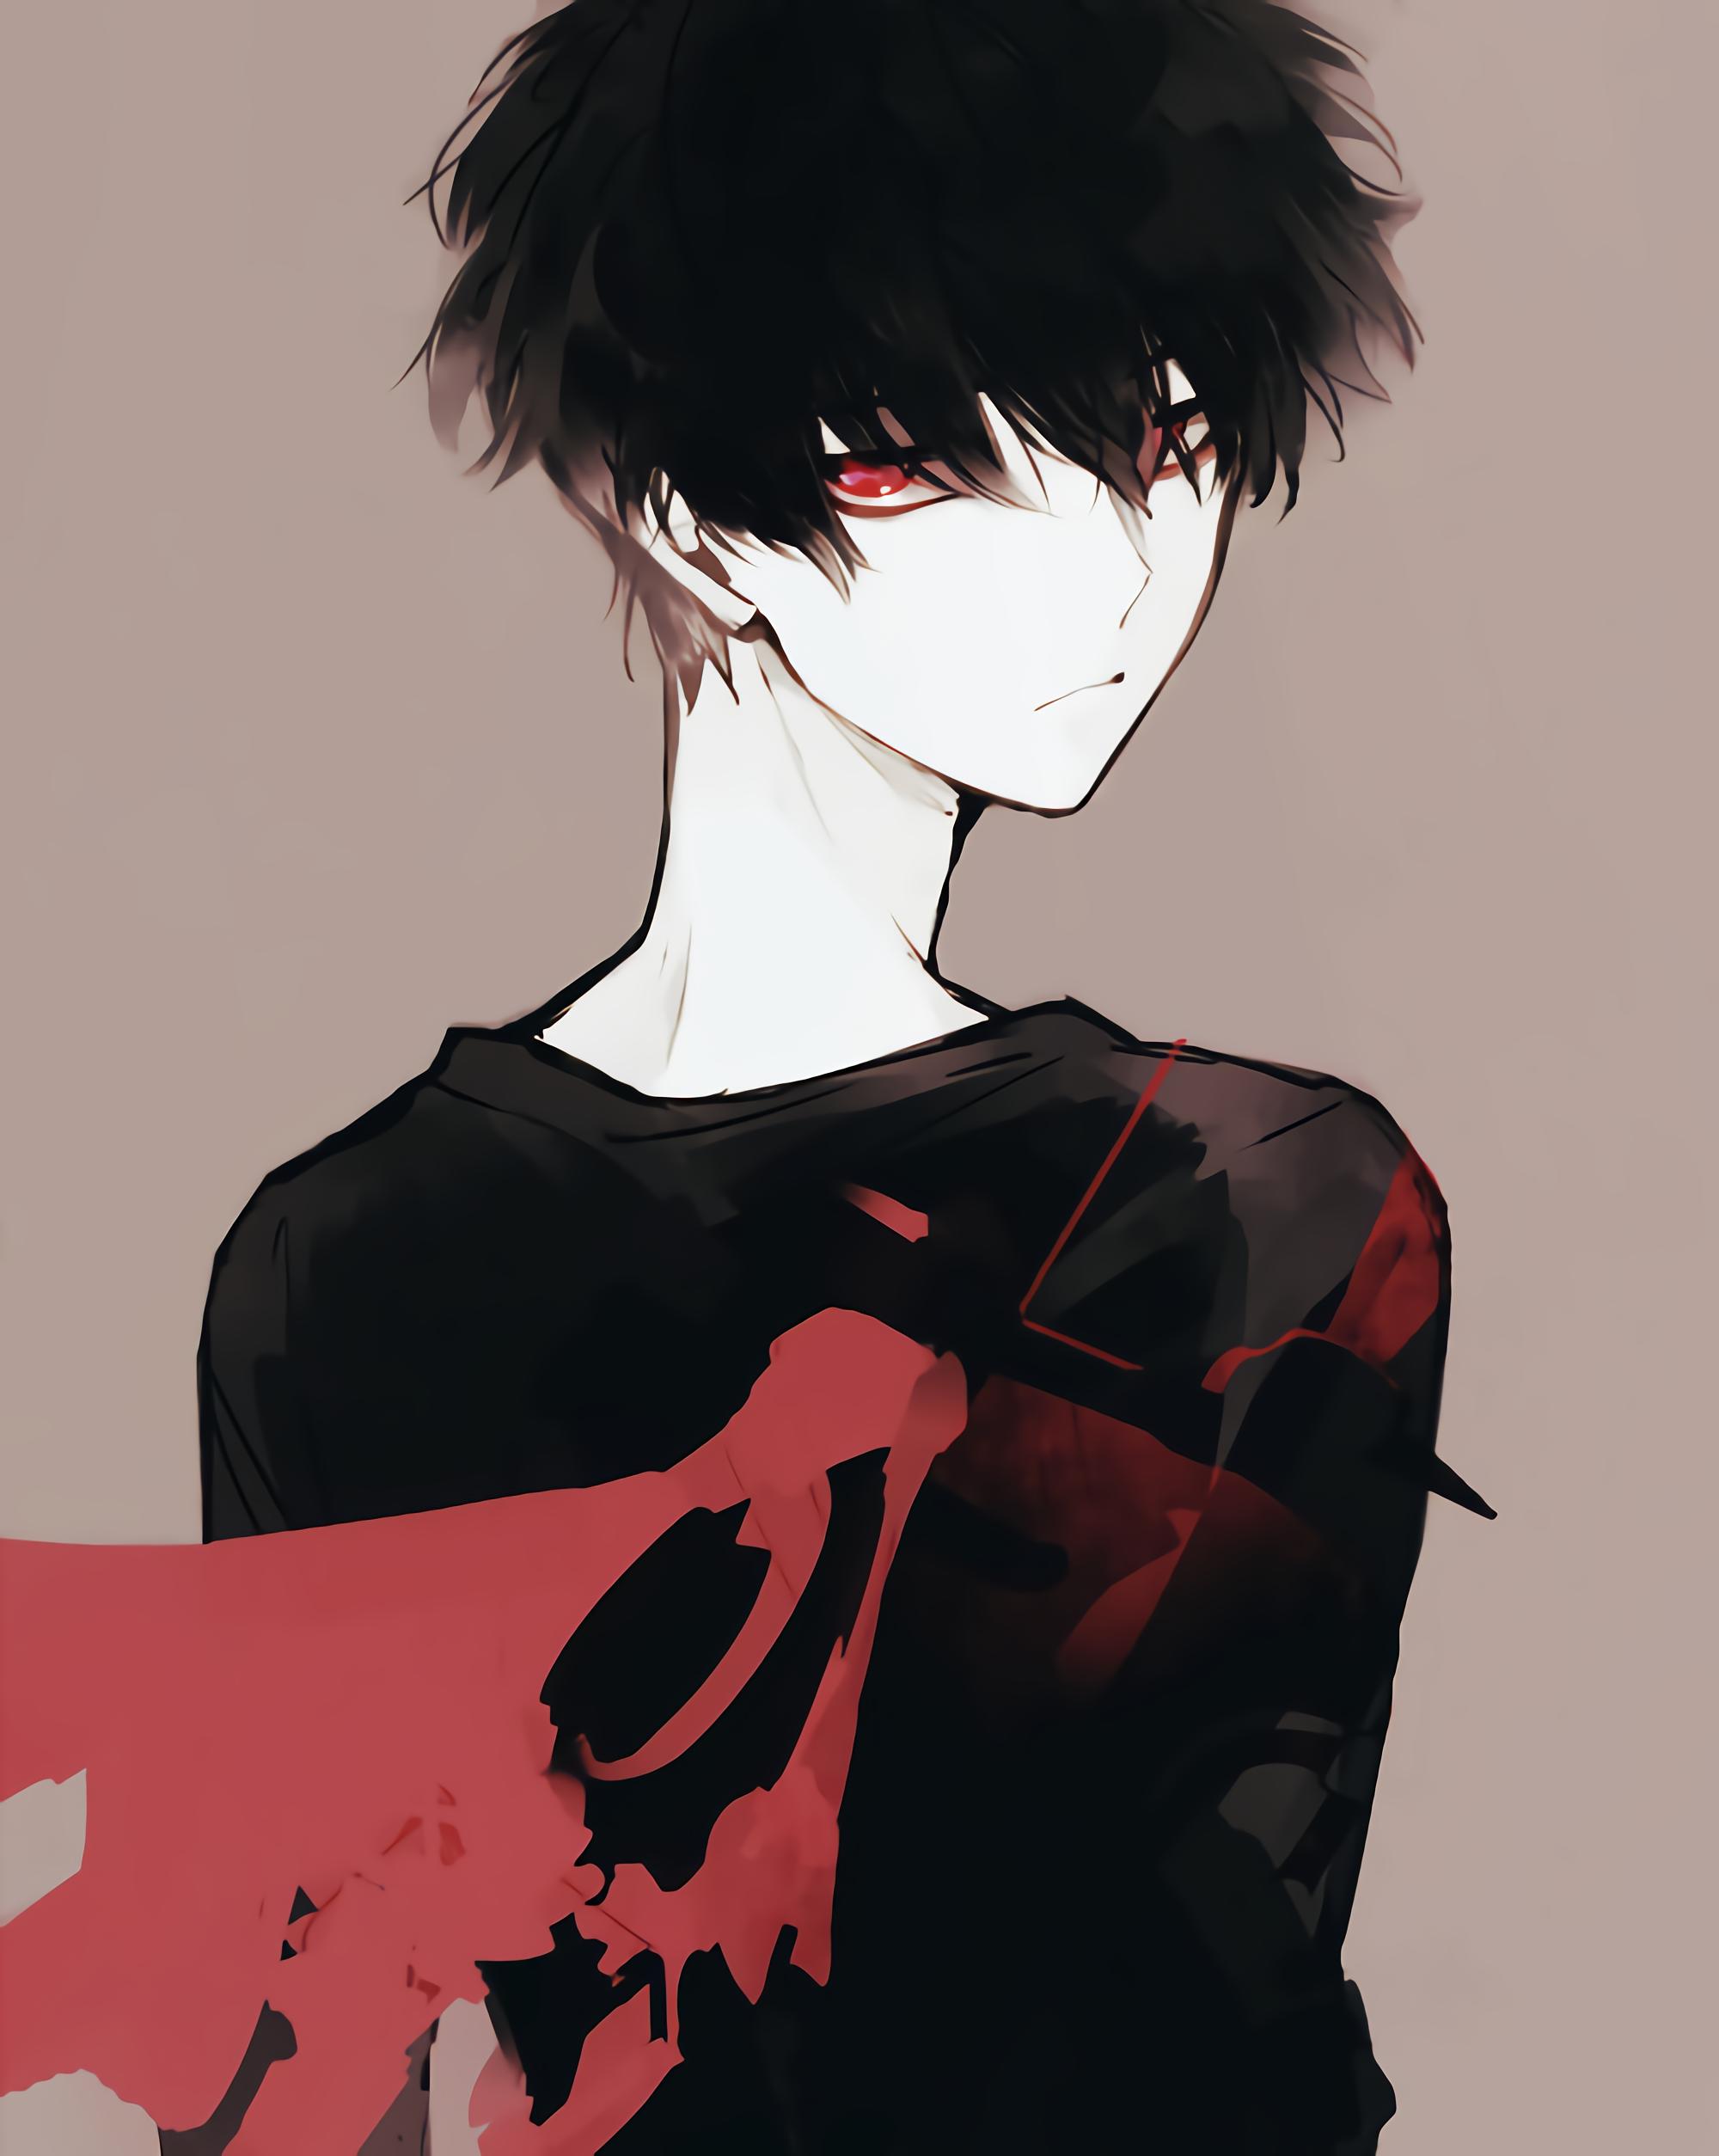 Image Result For Serious Loner Anime Boy Anime Dark Anime Anime Art